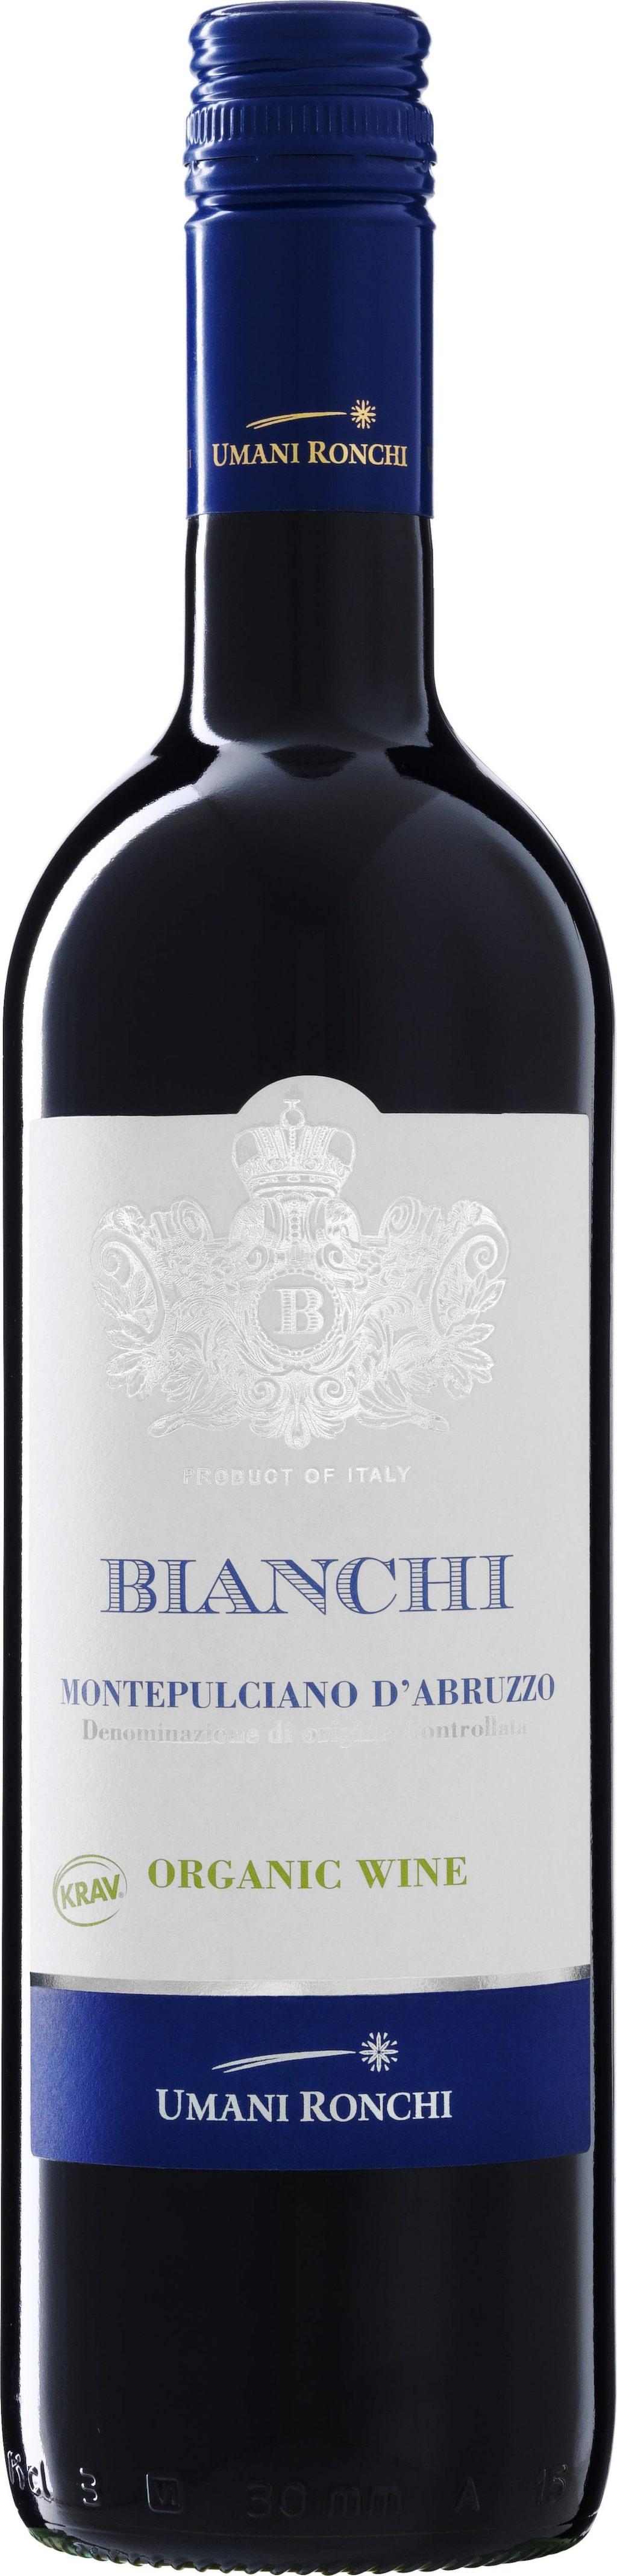 """<exp:icon type=""""wasp""""></exp:icon><exp:icon type=""""wasp""""></exp:icon><exp:icon type=""""wasp""""></exp:icon><exp:icon type=""""wasp""""></exp:icon><br>Rött<br><strong>Montepulciano d'Abruzzo Bianchi 2013 (7126) Italien, 69 kr</strong><br>Ekovin i mjuk stil med inslag av friska körsbär, vinbär och lakrits. Pigg syra. Gott till pastasallad med grönsaker och kyckling."""